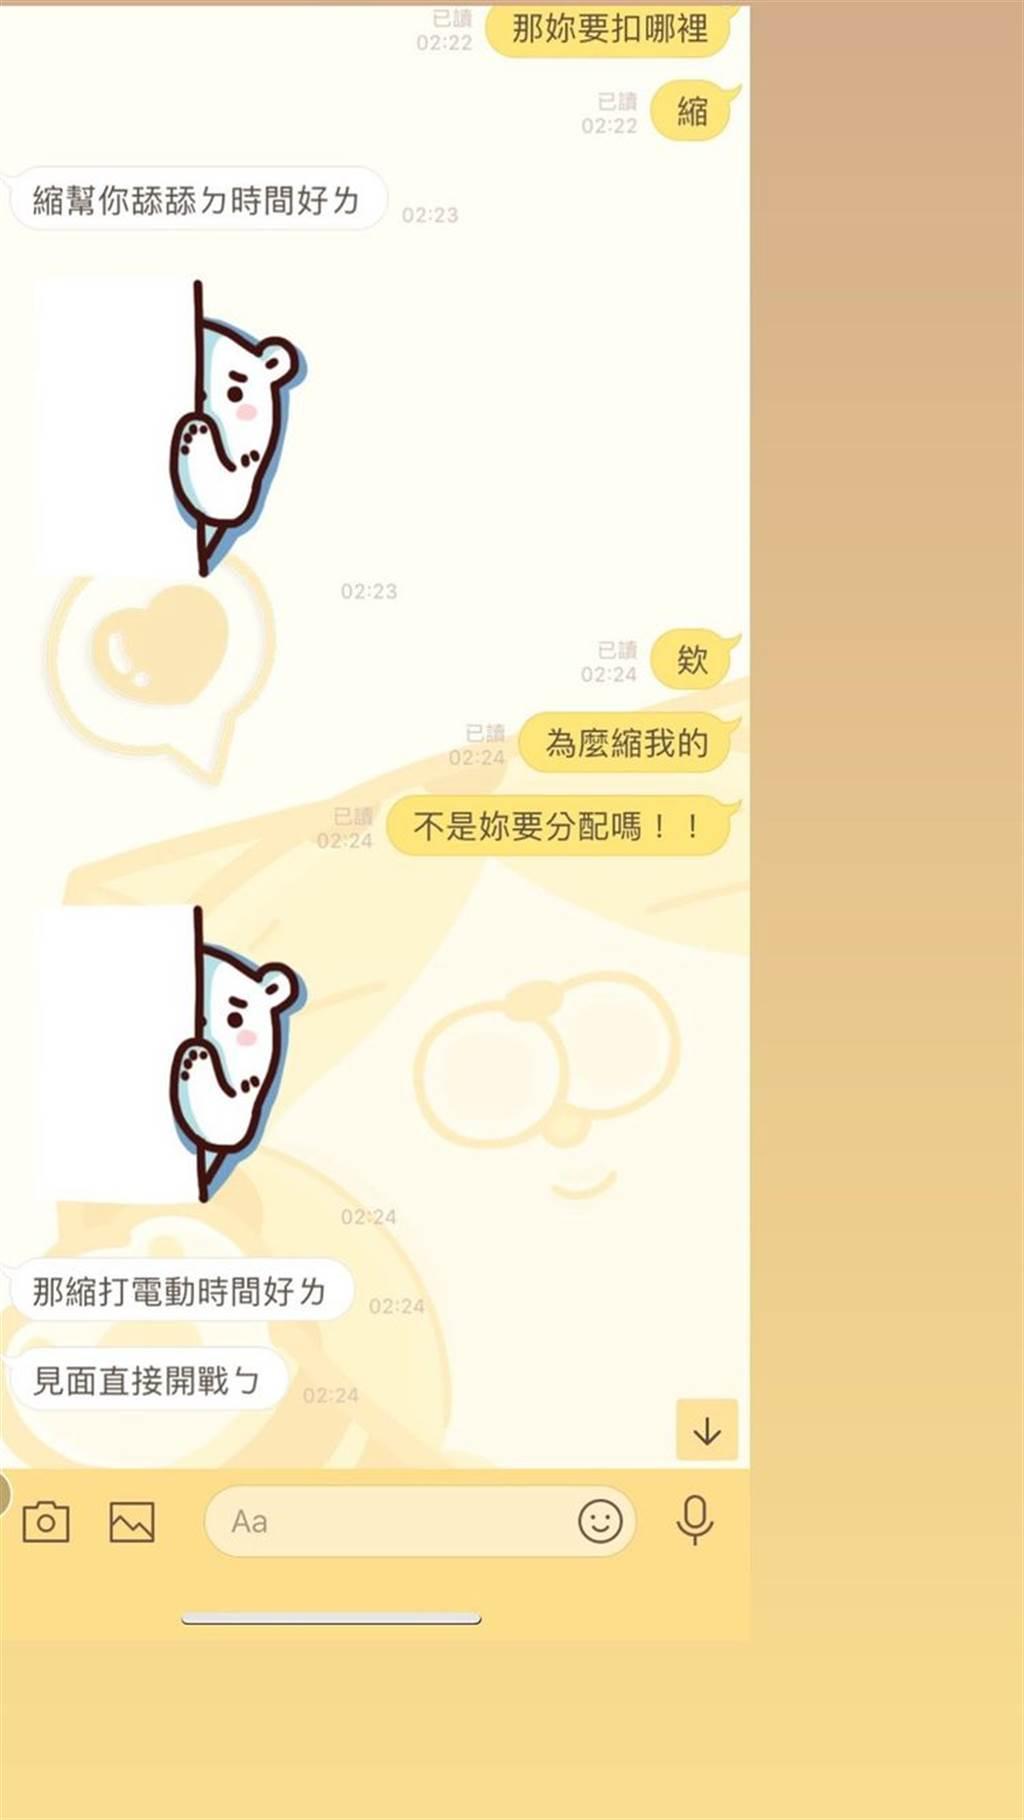 疑美甲師從男友手機中翻出的鹹濕對話。(取自K島)